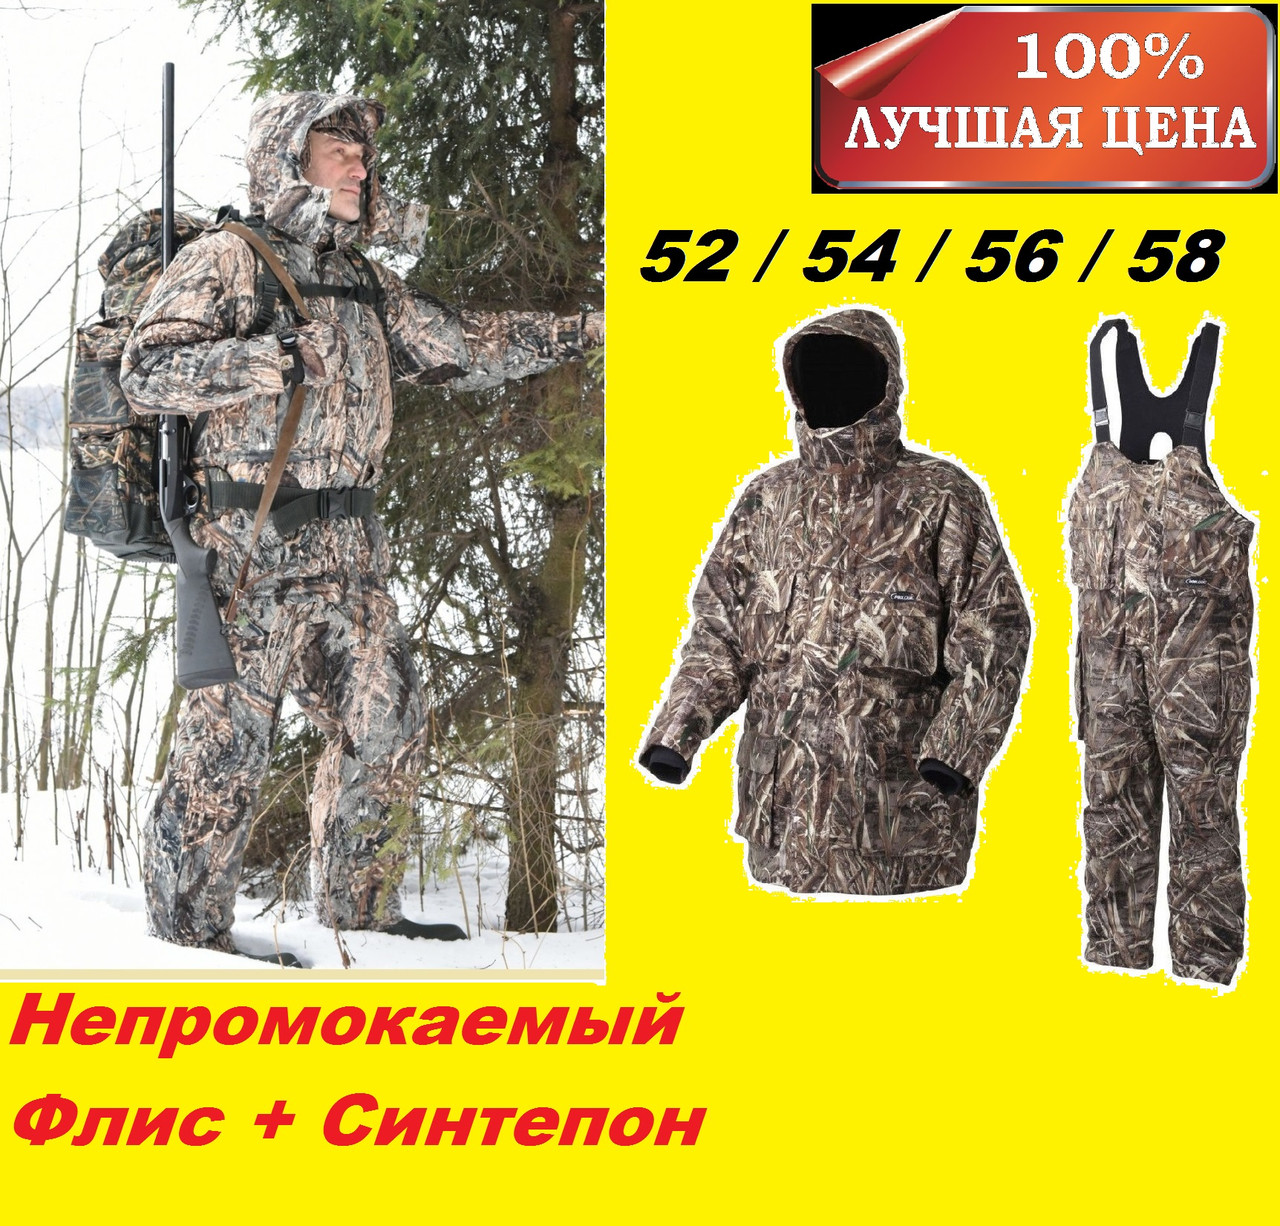 Зимний костюм для рыбалки. Двойное утепление, мембранная вентиляция.